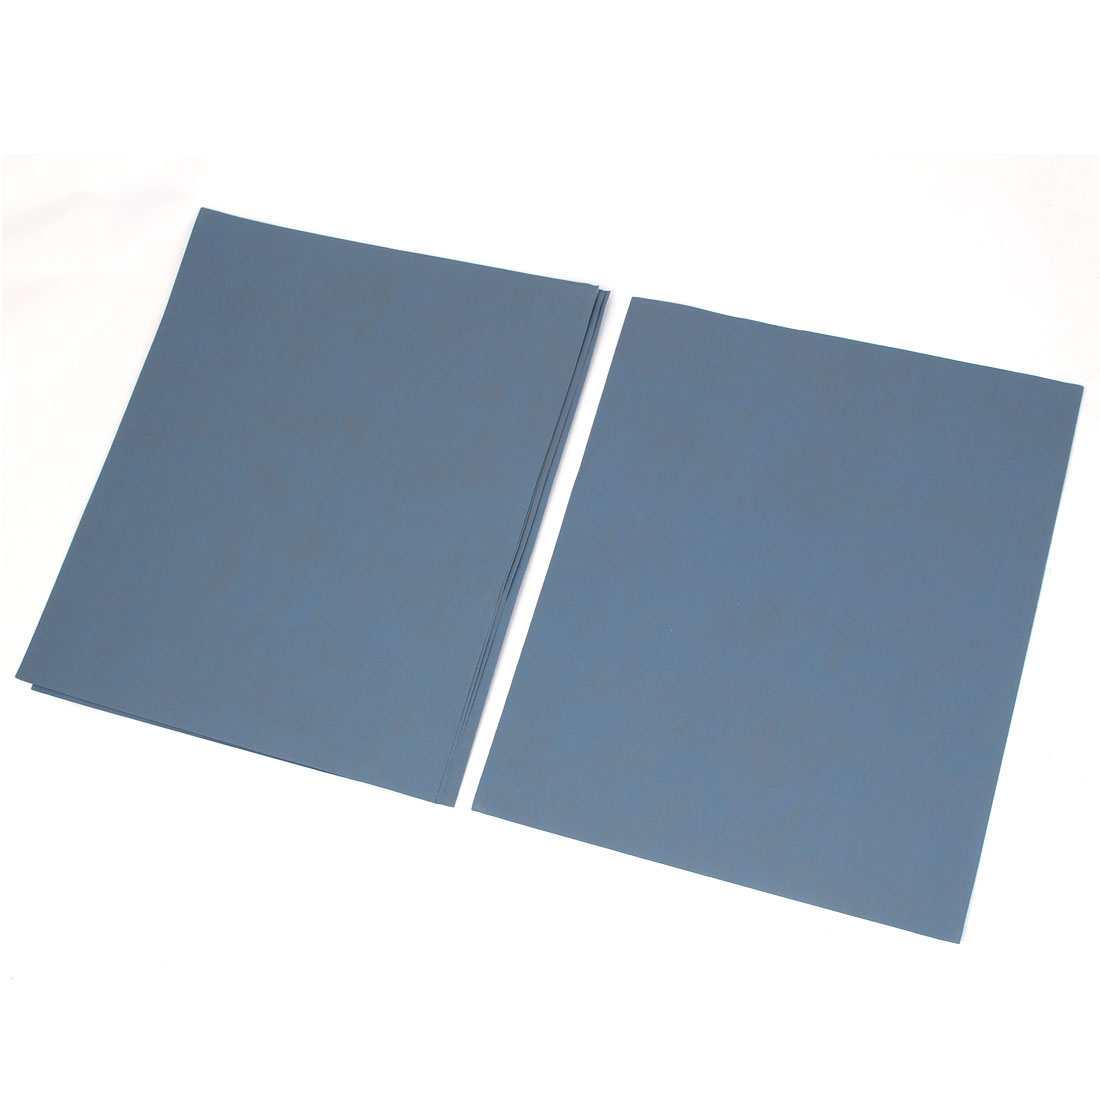 3000 Grit Polishing Dry Square Abrasive Sanding Sandpaper Sheet 5 Pcs